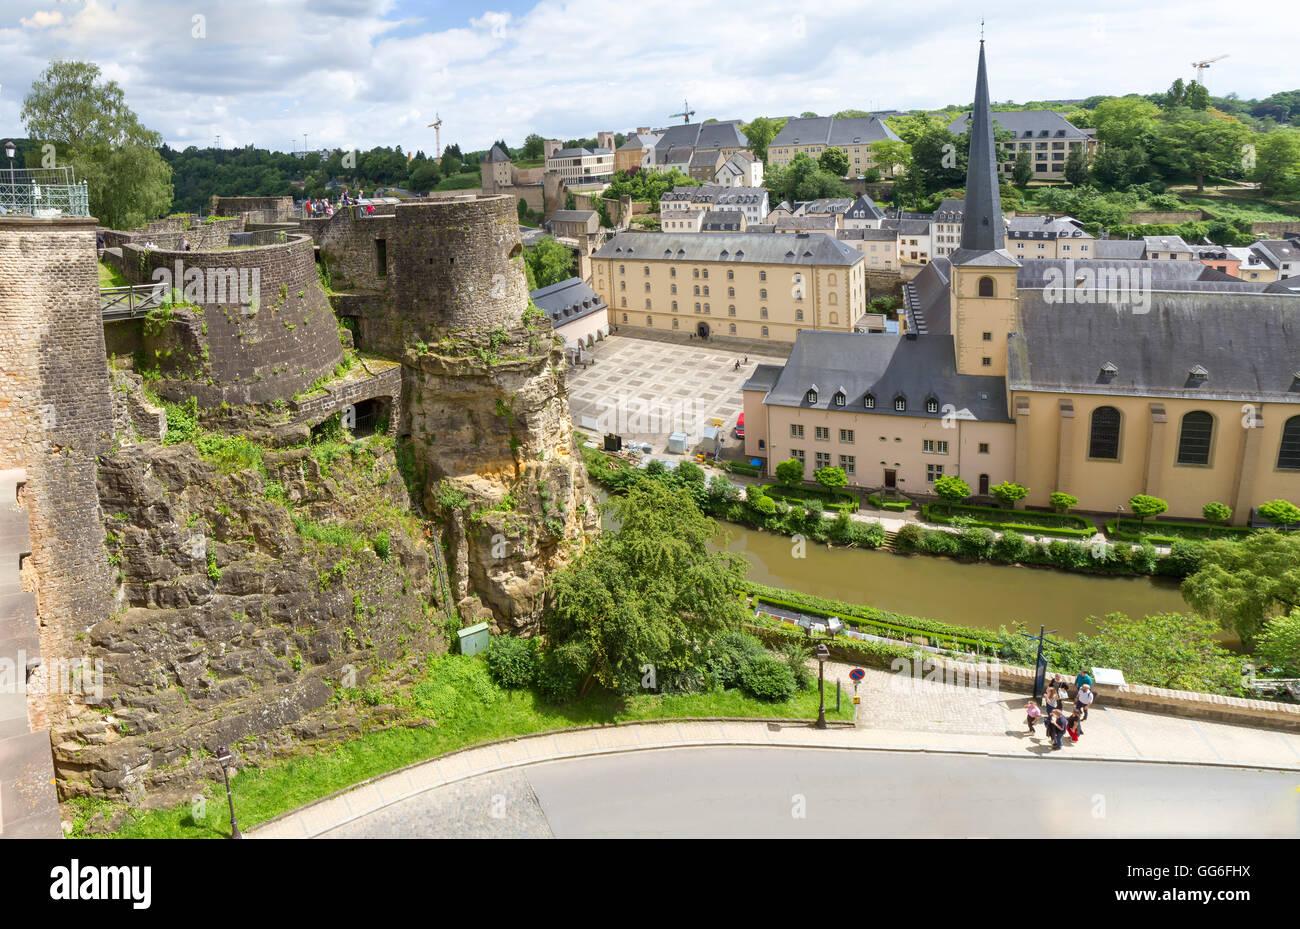 Abbaye de Neumünster in Luxemburg. Ansicht von oben. Stockbild